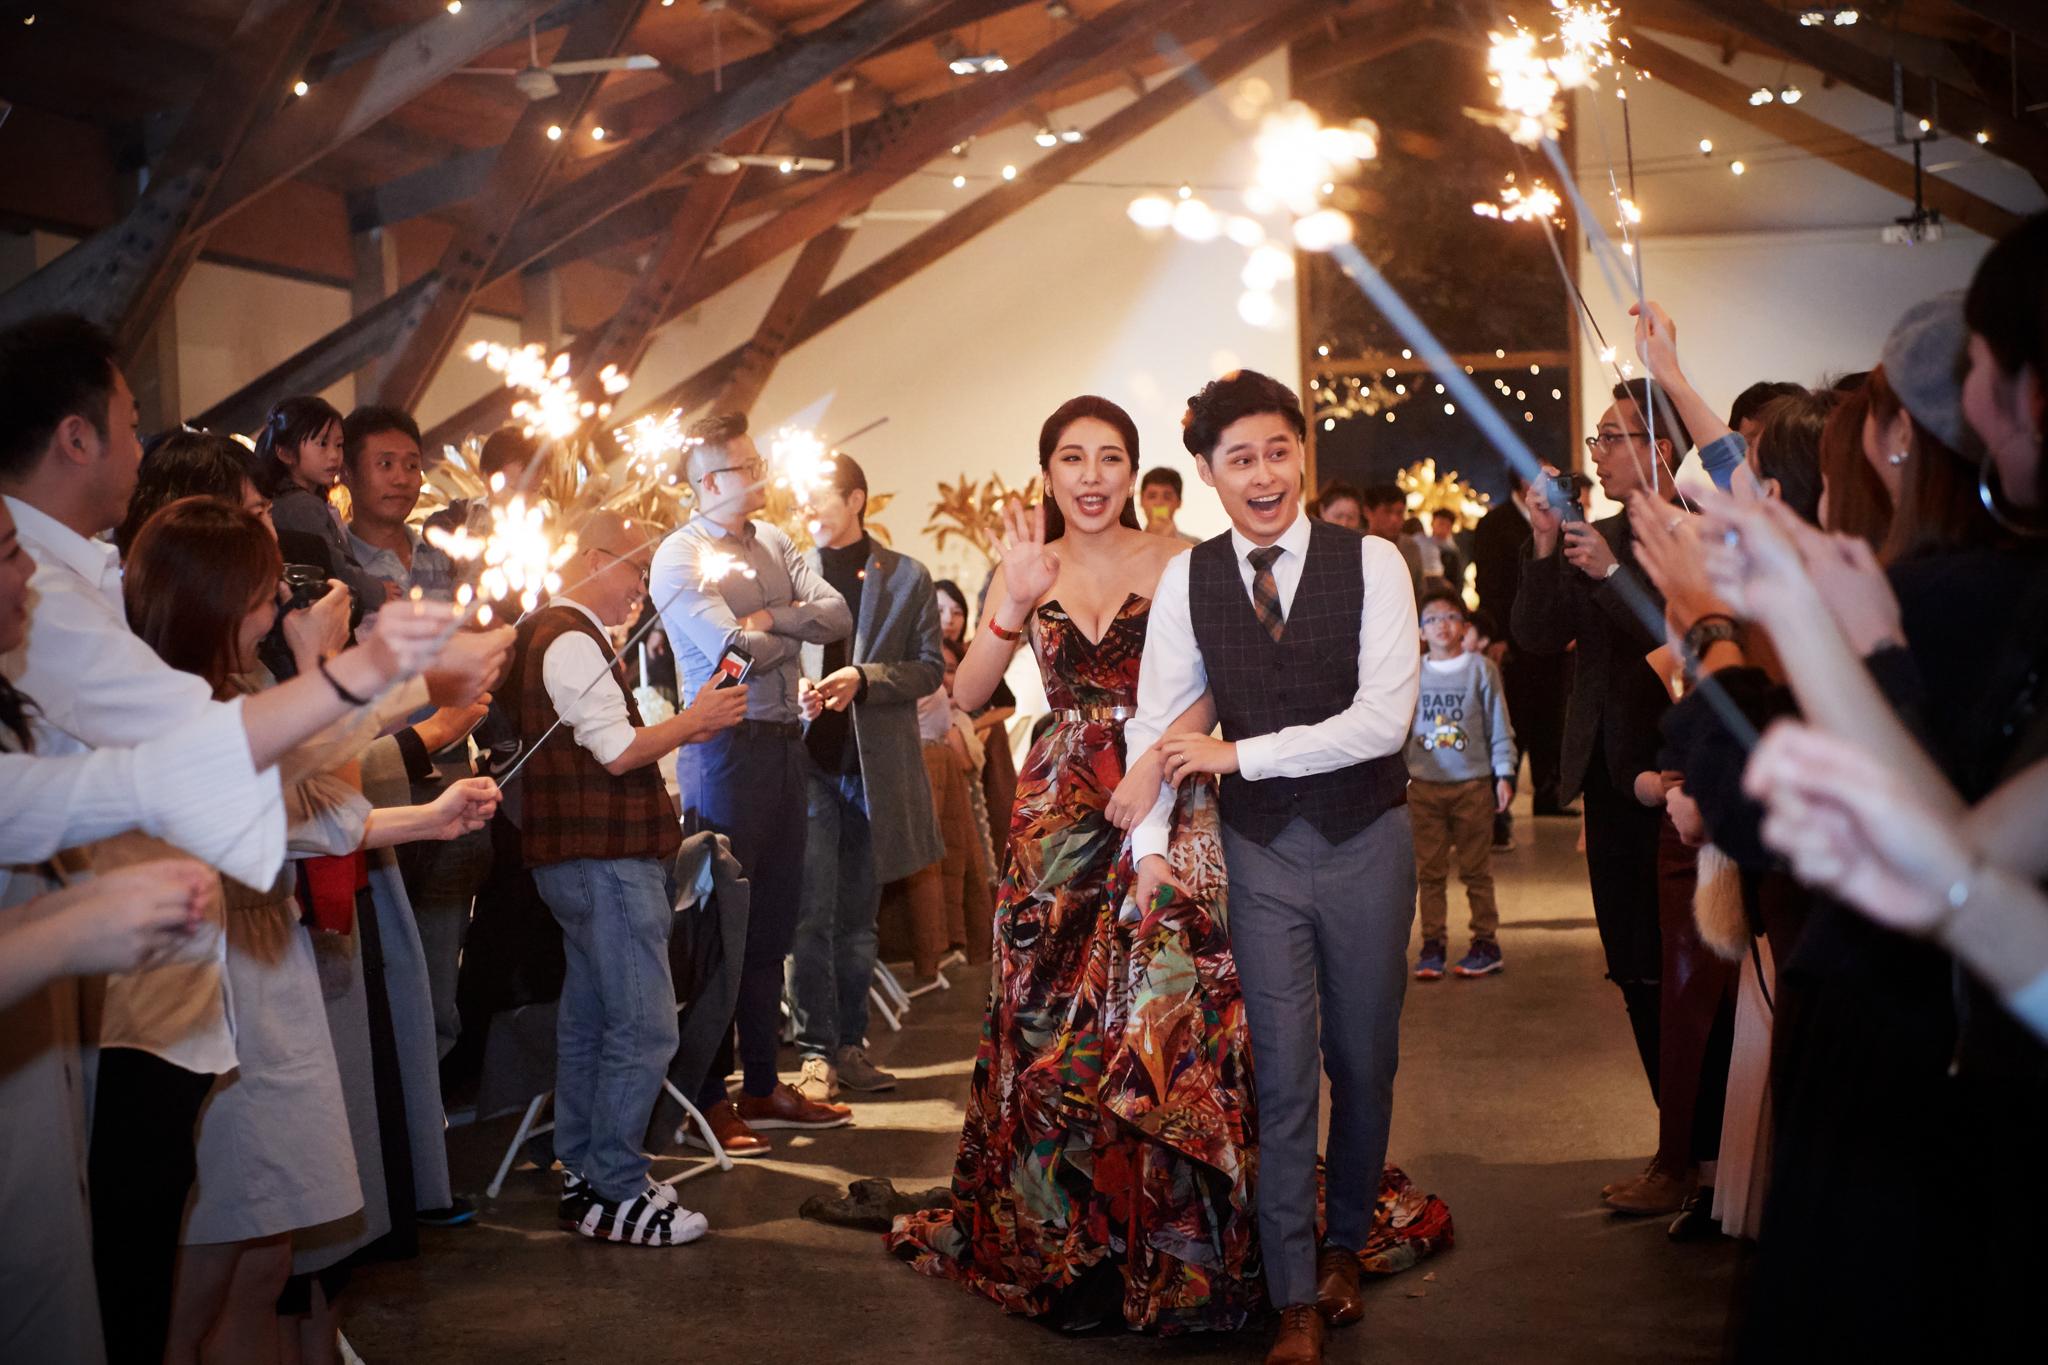 顏牧牧場婚禮, 婚攝推薦,台中婚攝,後院婚禮,戶外婚禮,美式婚禮-129